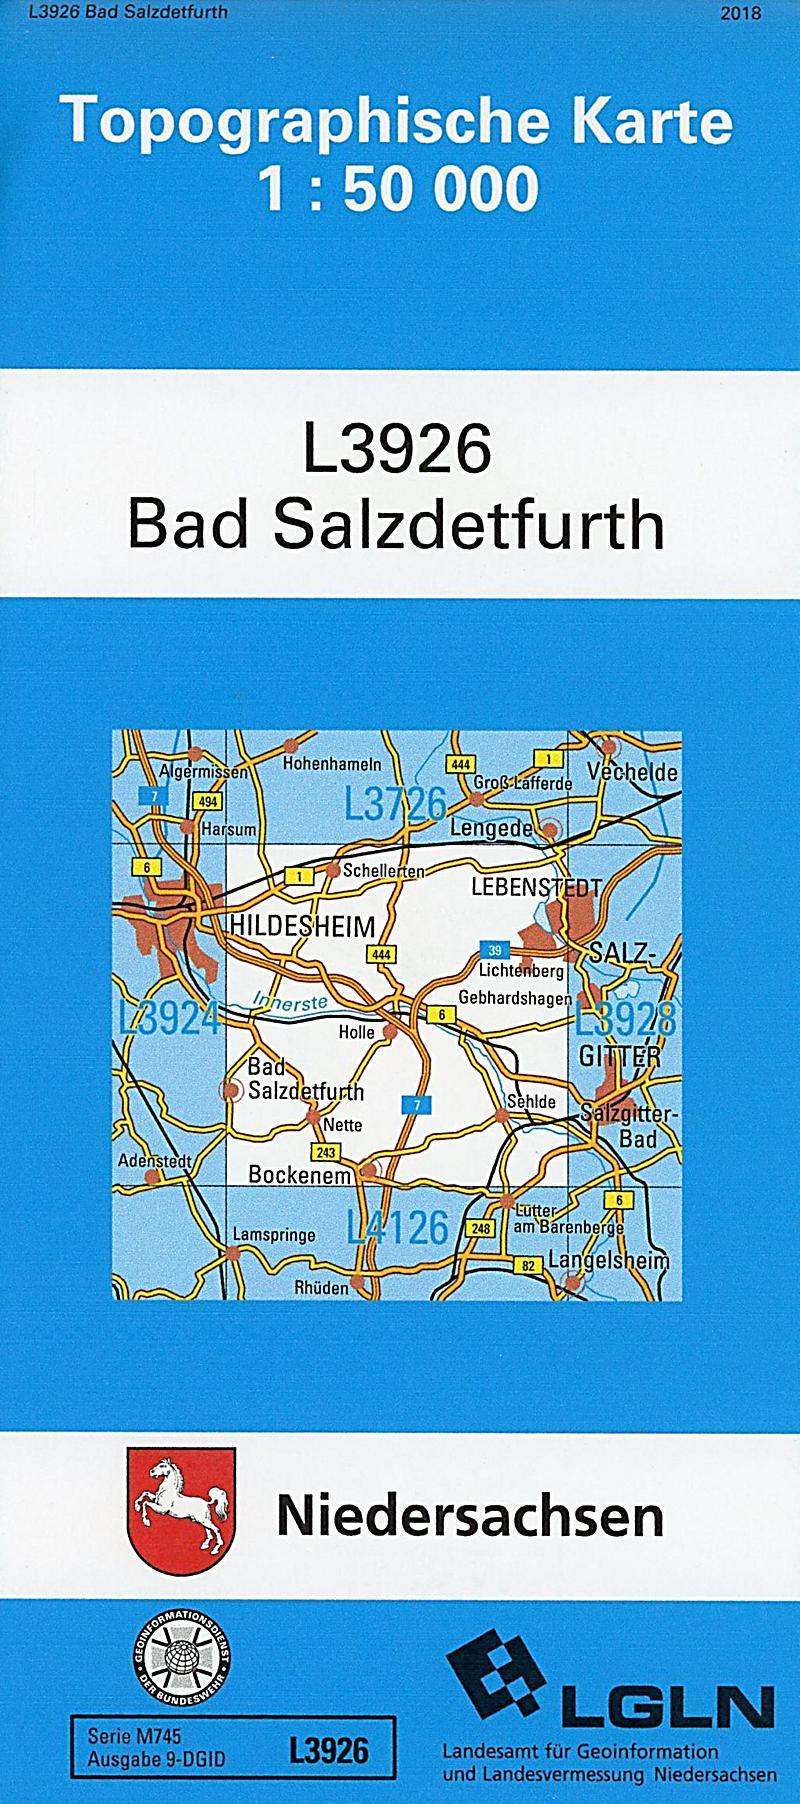 Niedersachsen Karte Pdf.Topographische Karten Niedersachsen Bl 3926 Bad Salzdetfurth Pdf